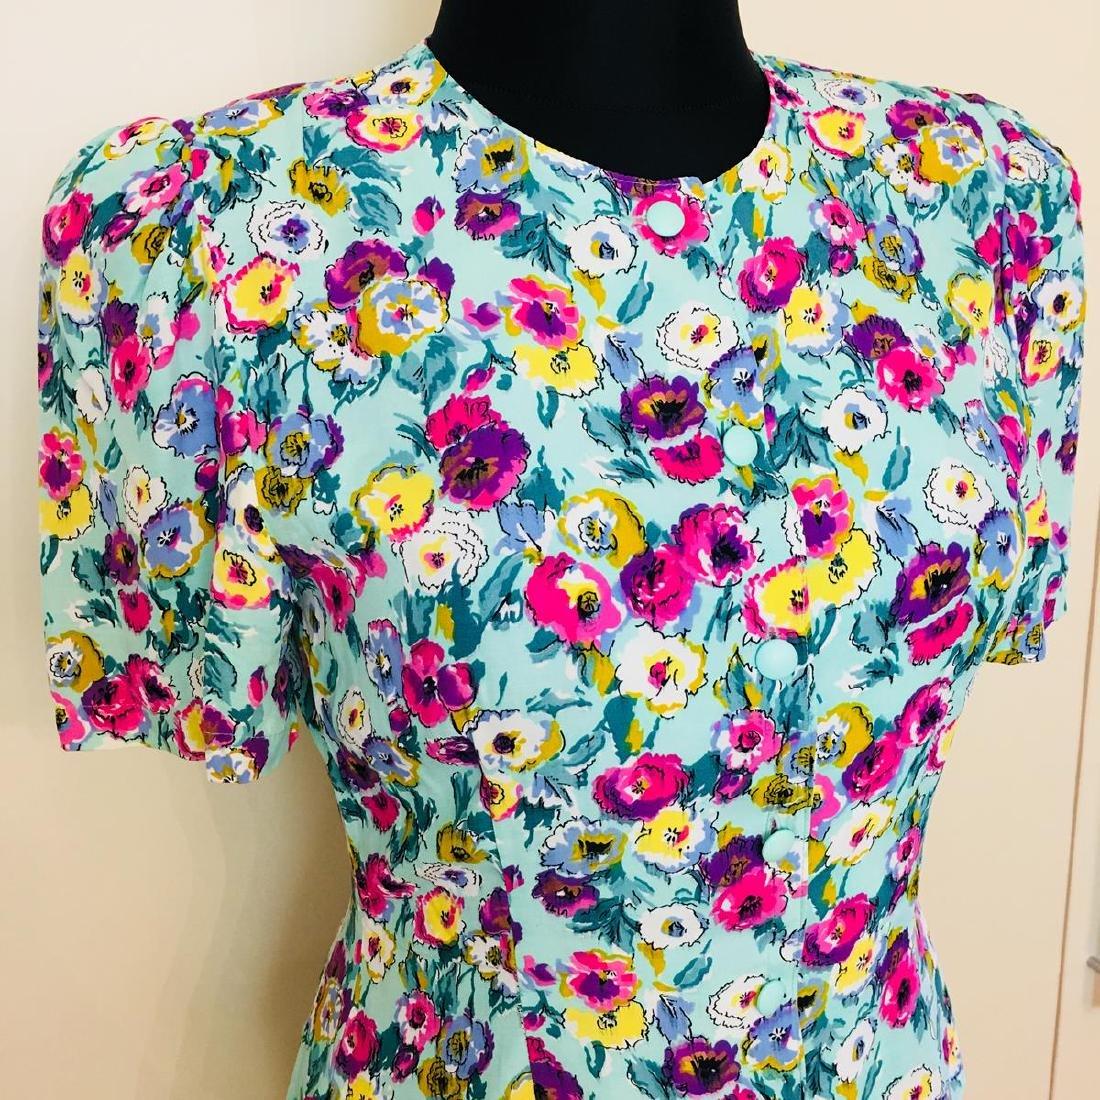 Vintage Women's Gigi Modelle Designer Blouse Shirt Top - 2